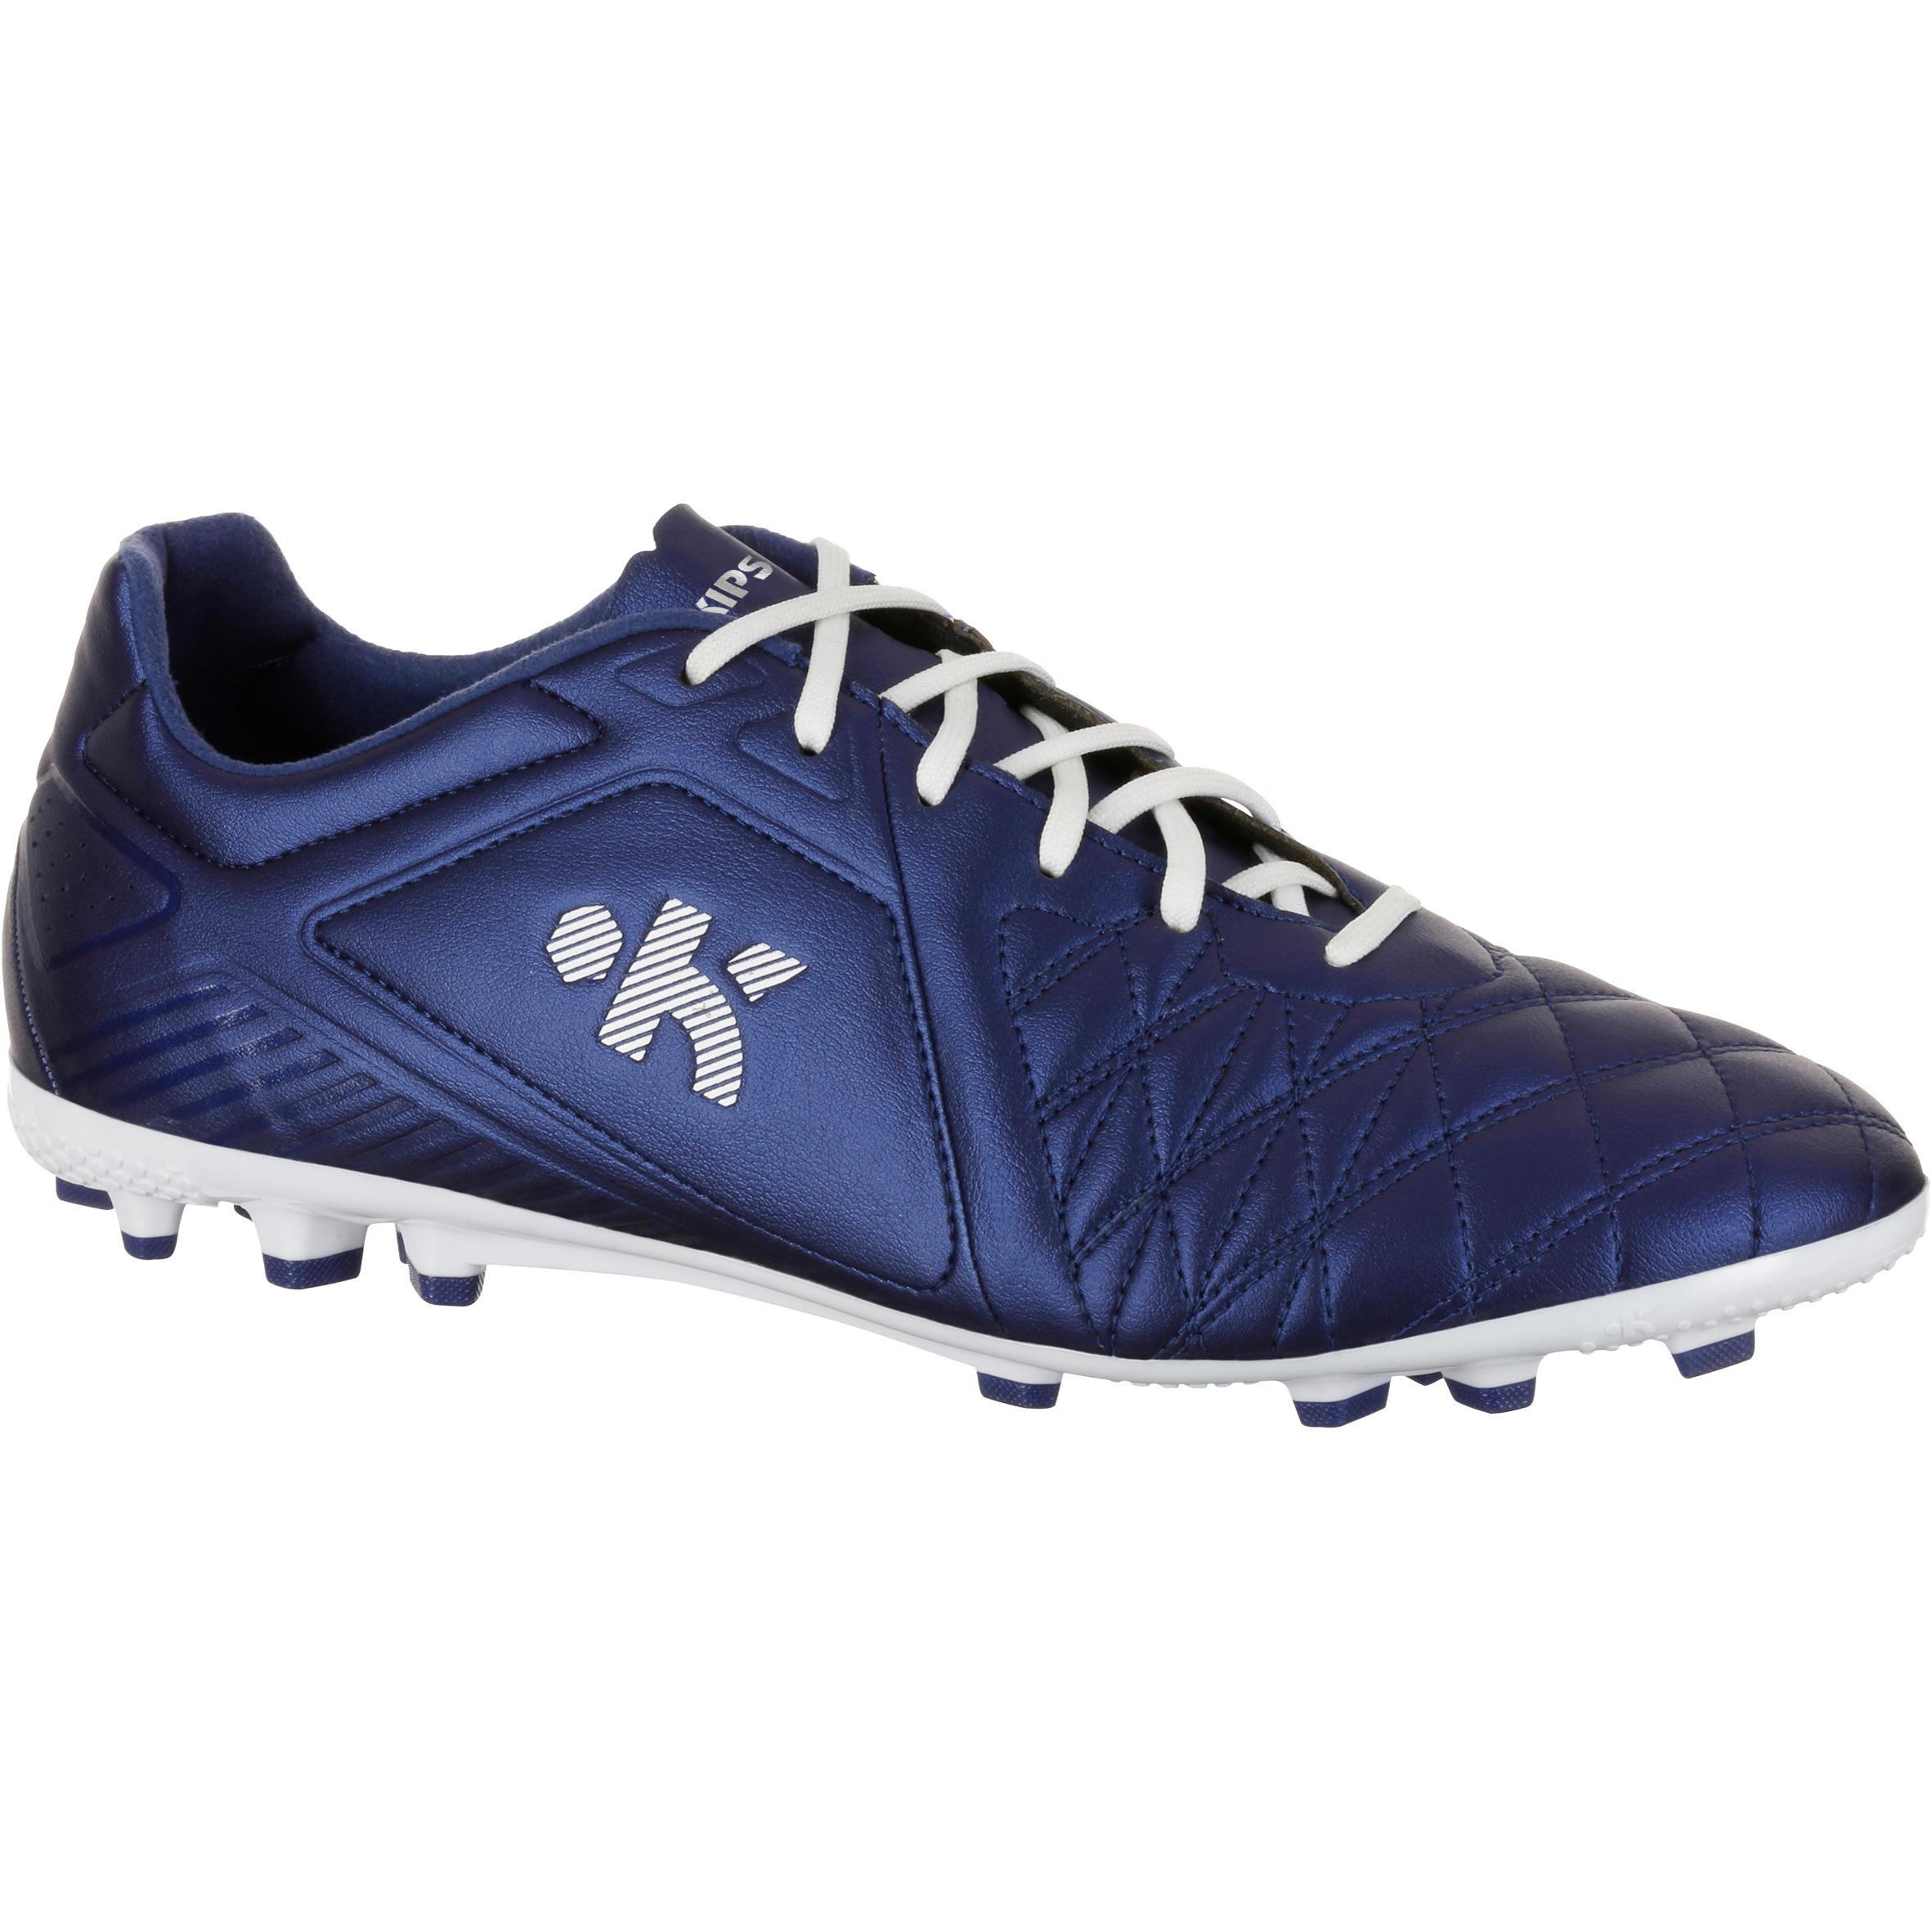 รองเท้าฟุตบอลสำหรับ...